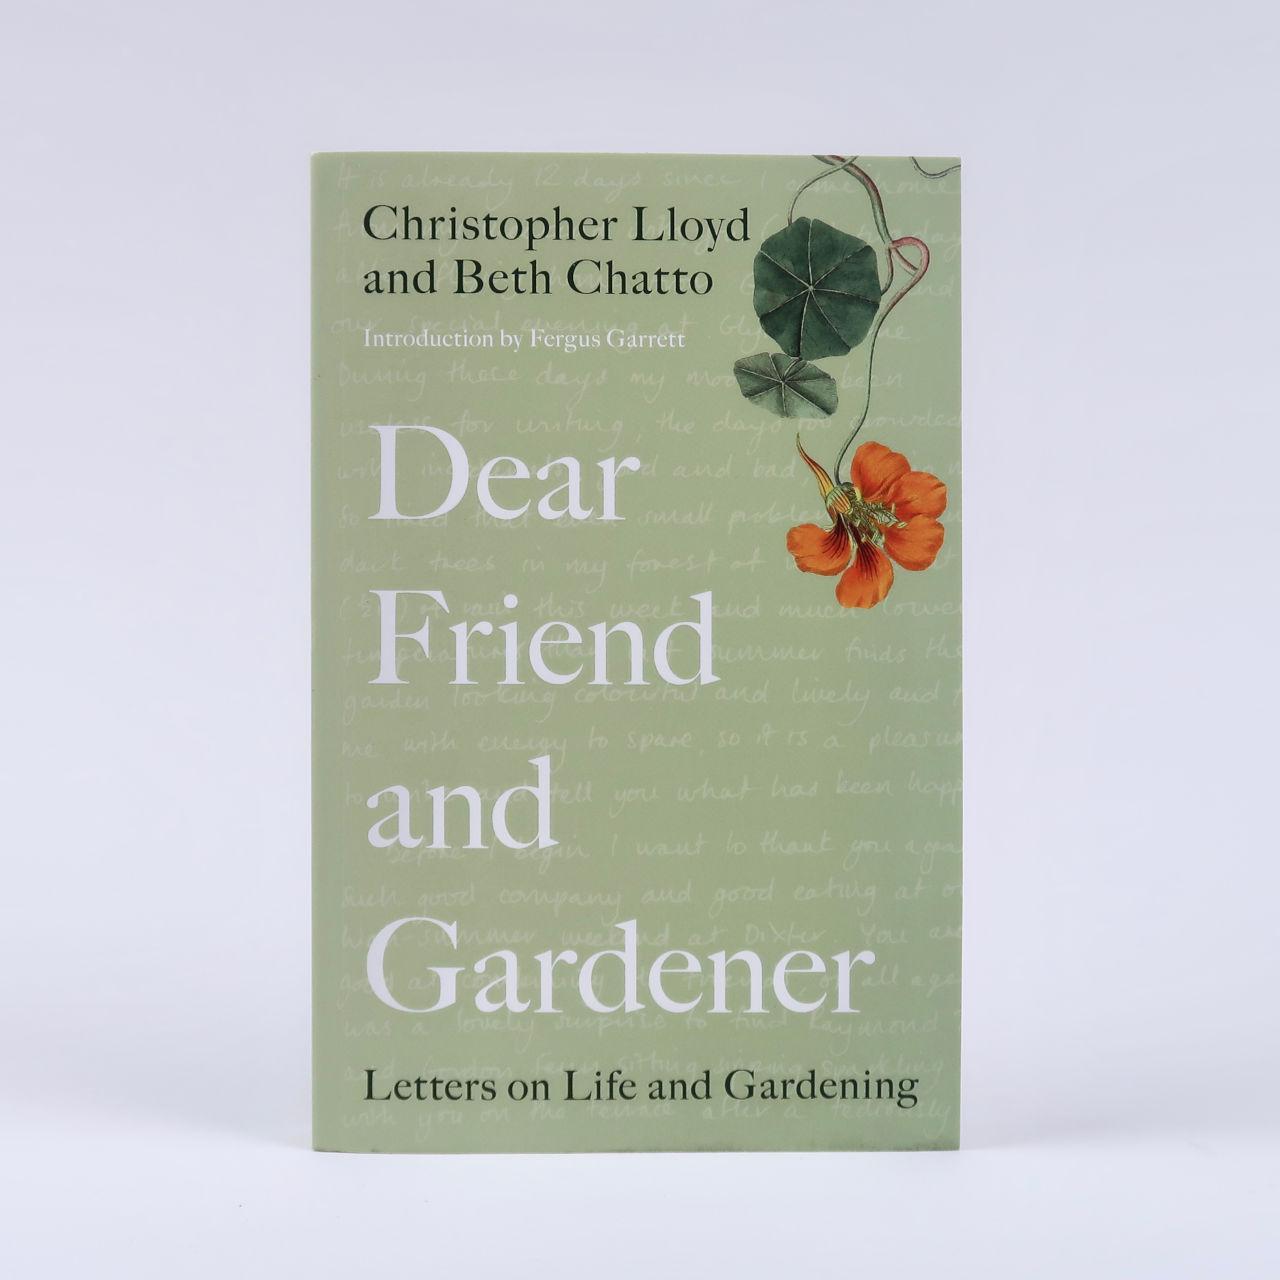 Dear Friend and Gardener - Christopher Lloyd & Beth Chatto